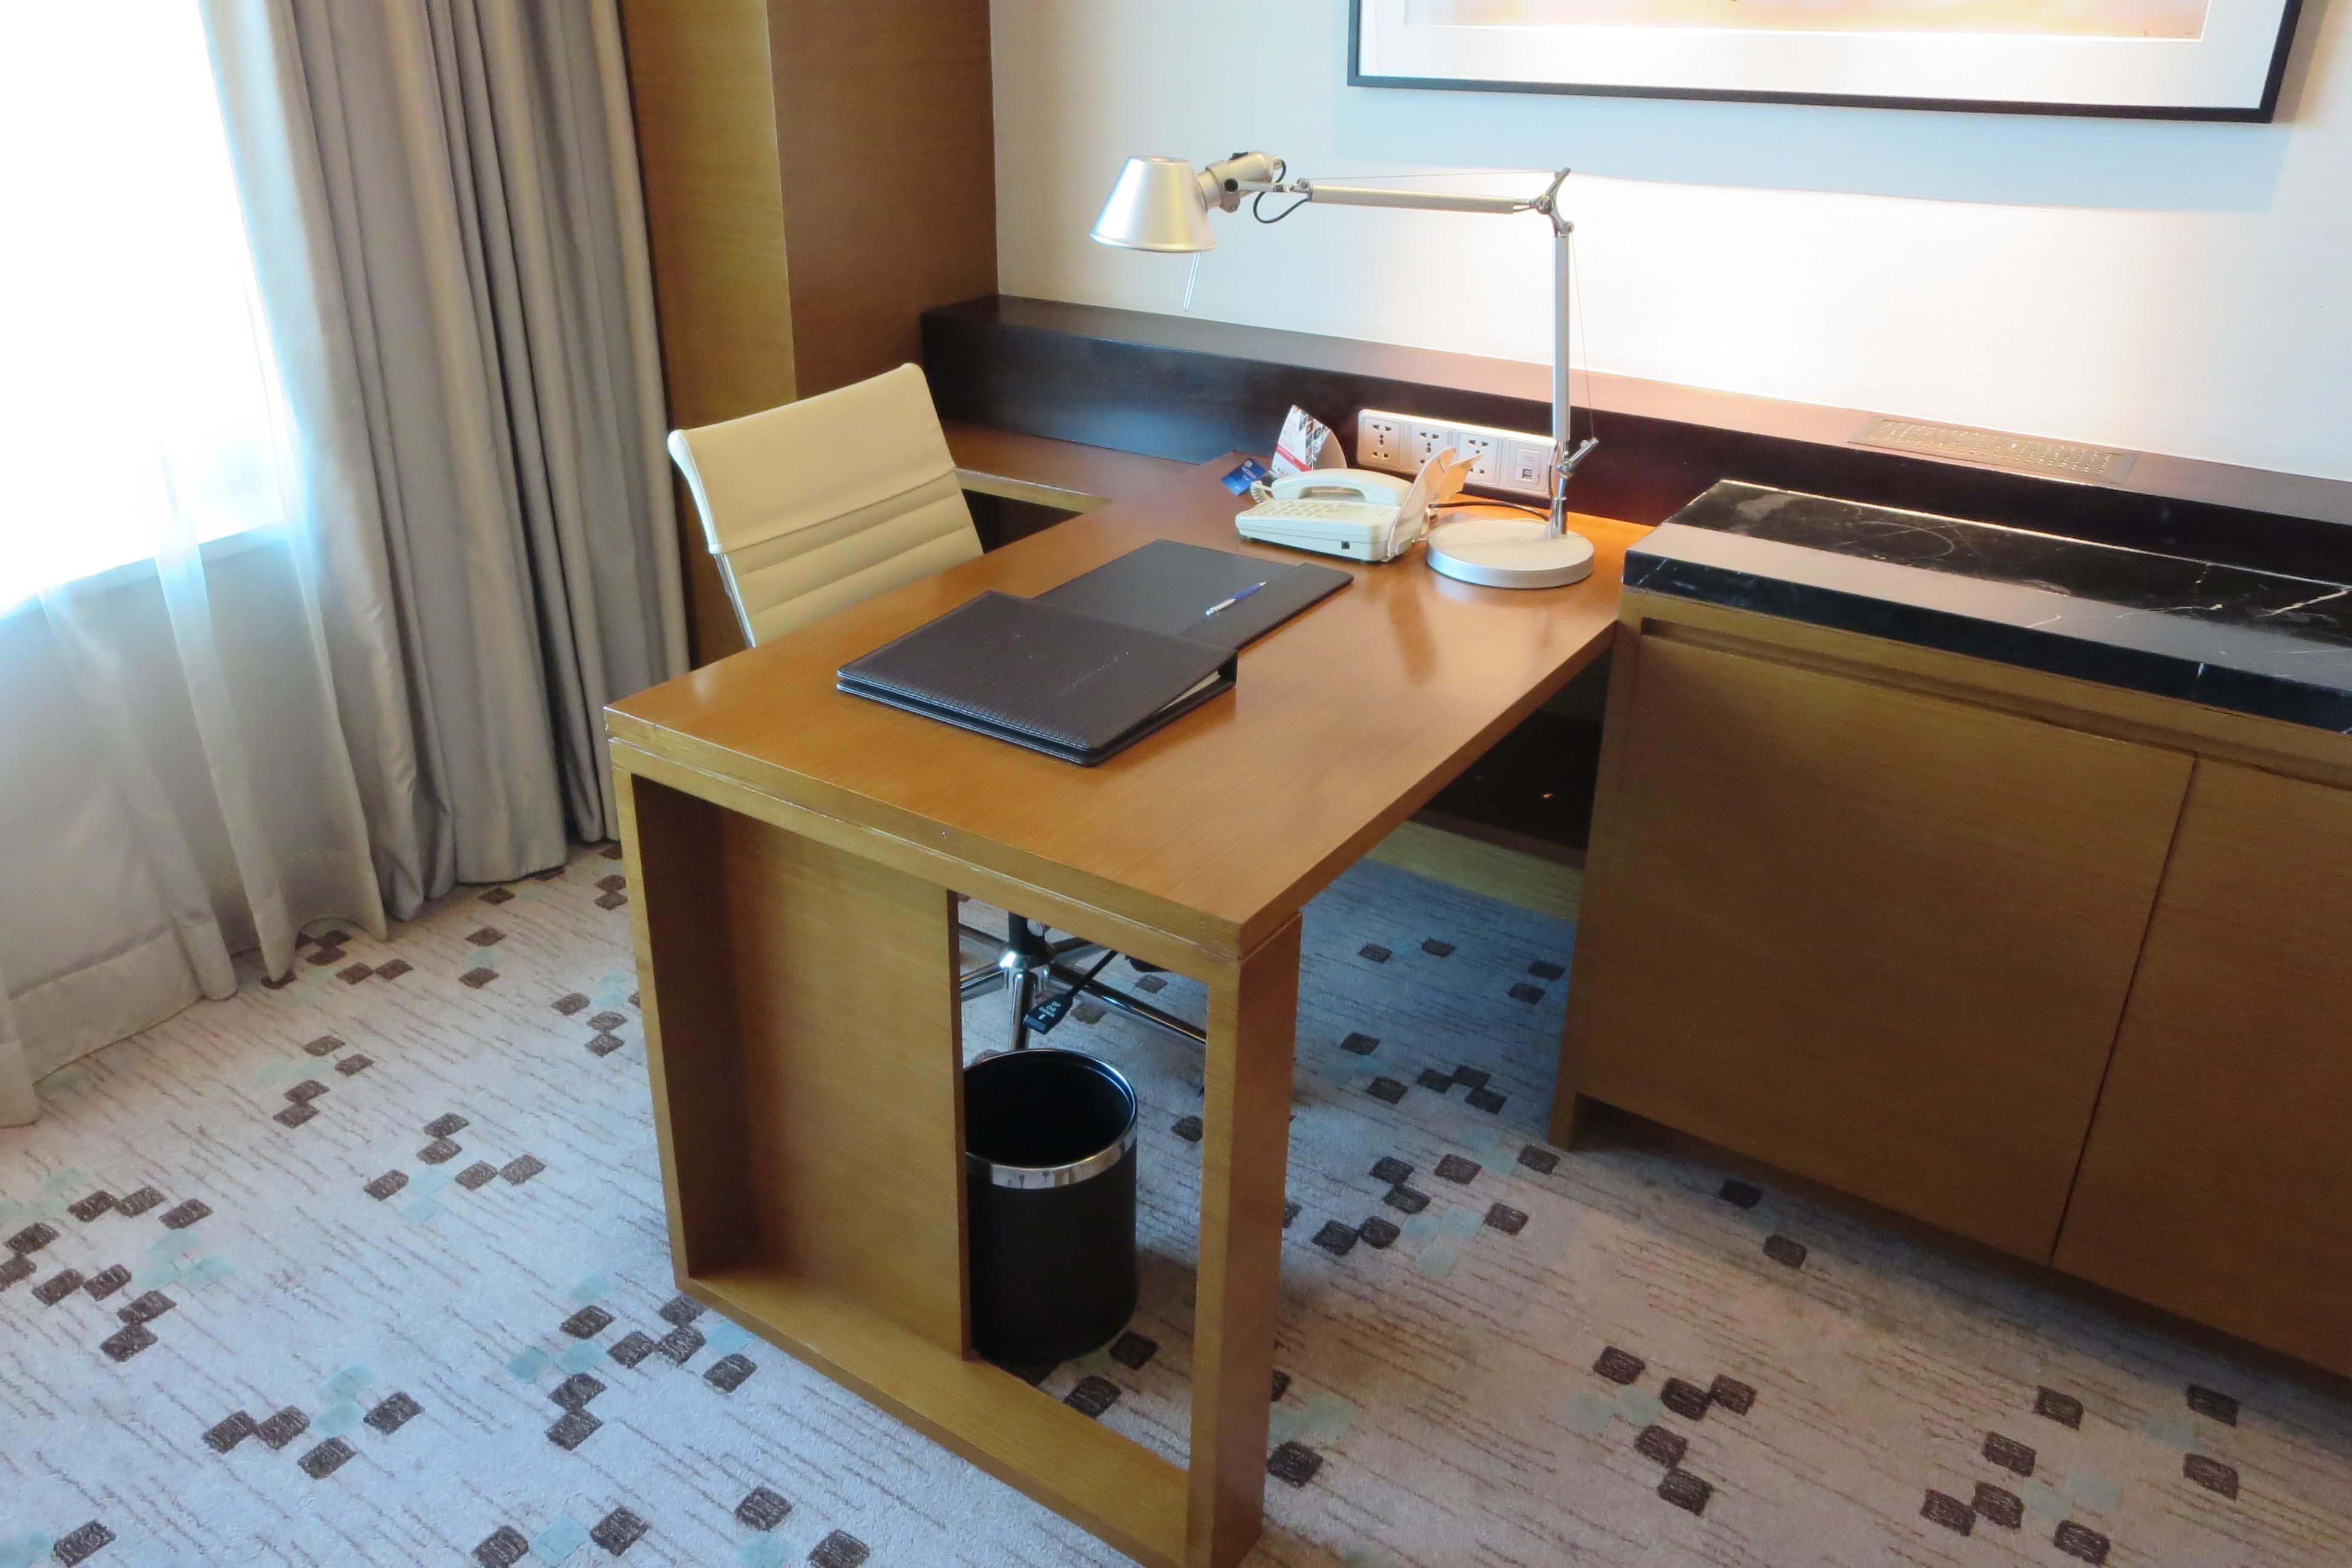 ラディソン・ブル・ホテル&リゾーツ スーペリア(イメージ)